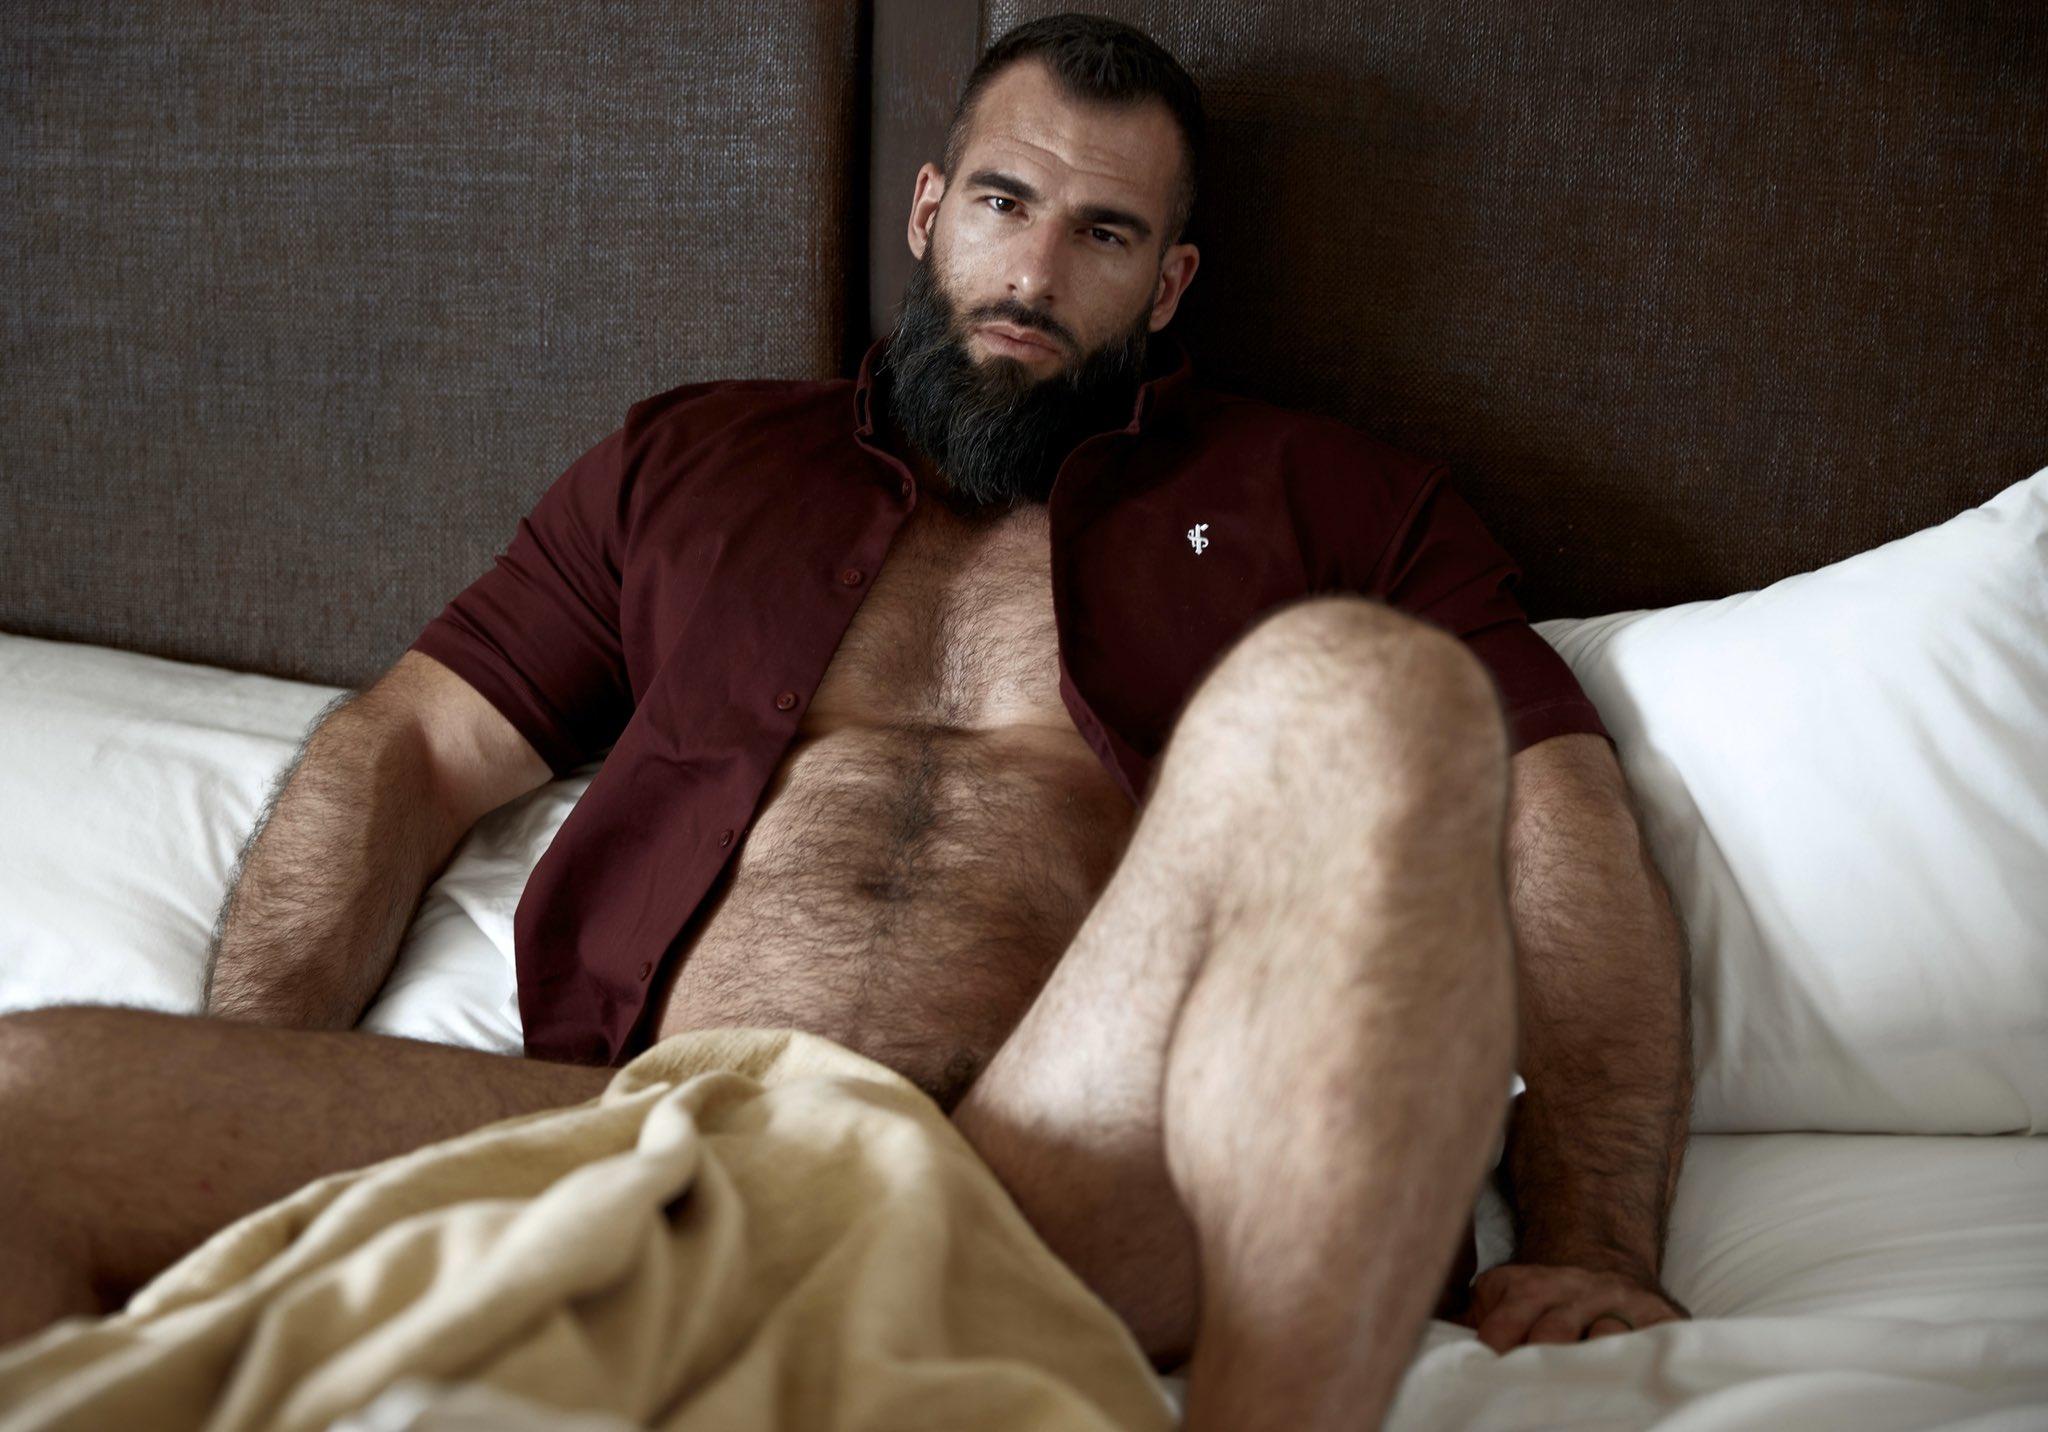 padre desnudo en la cama